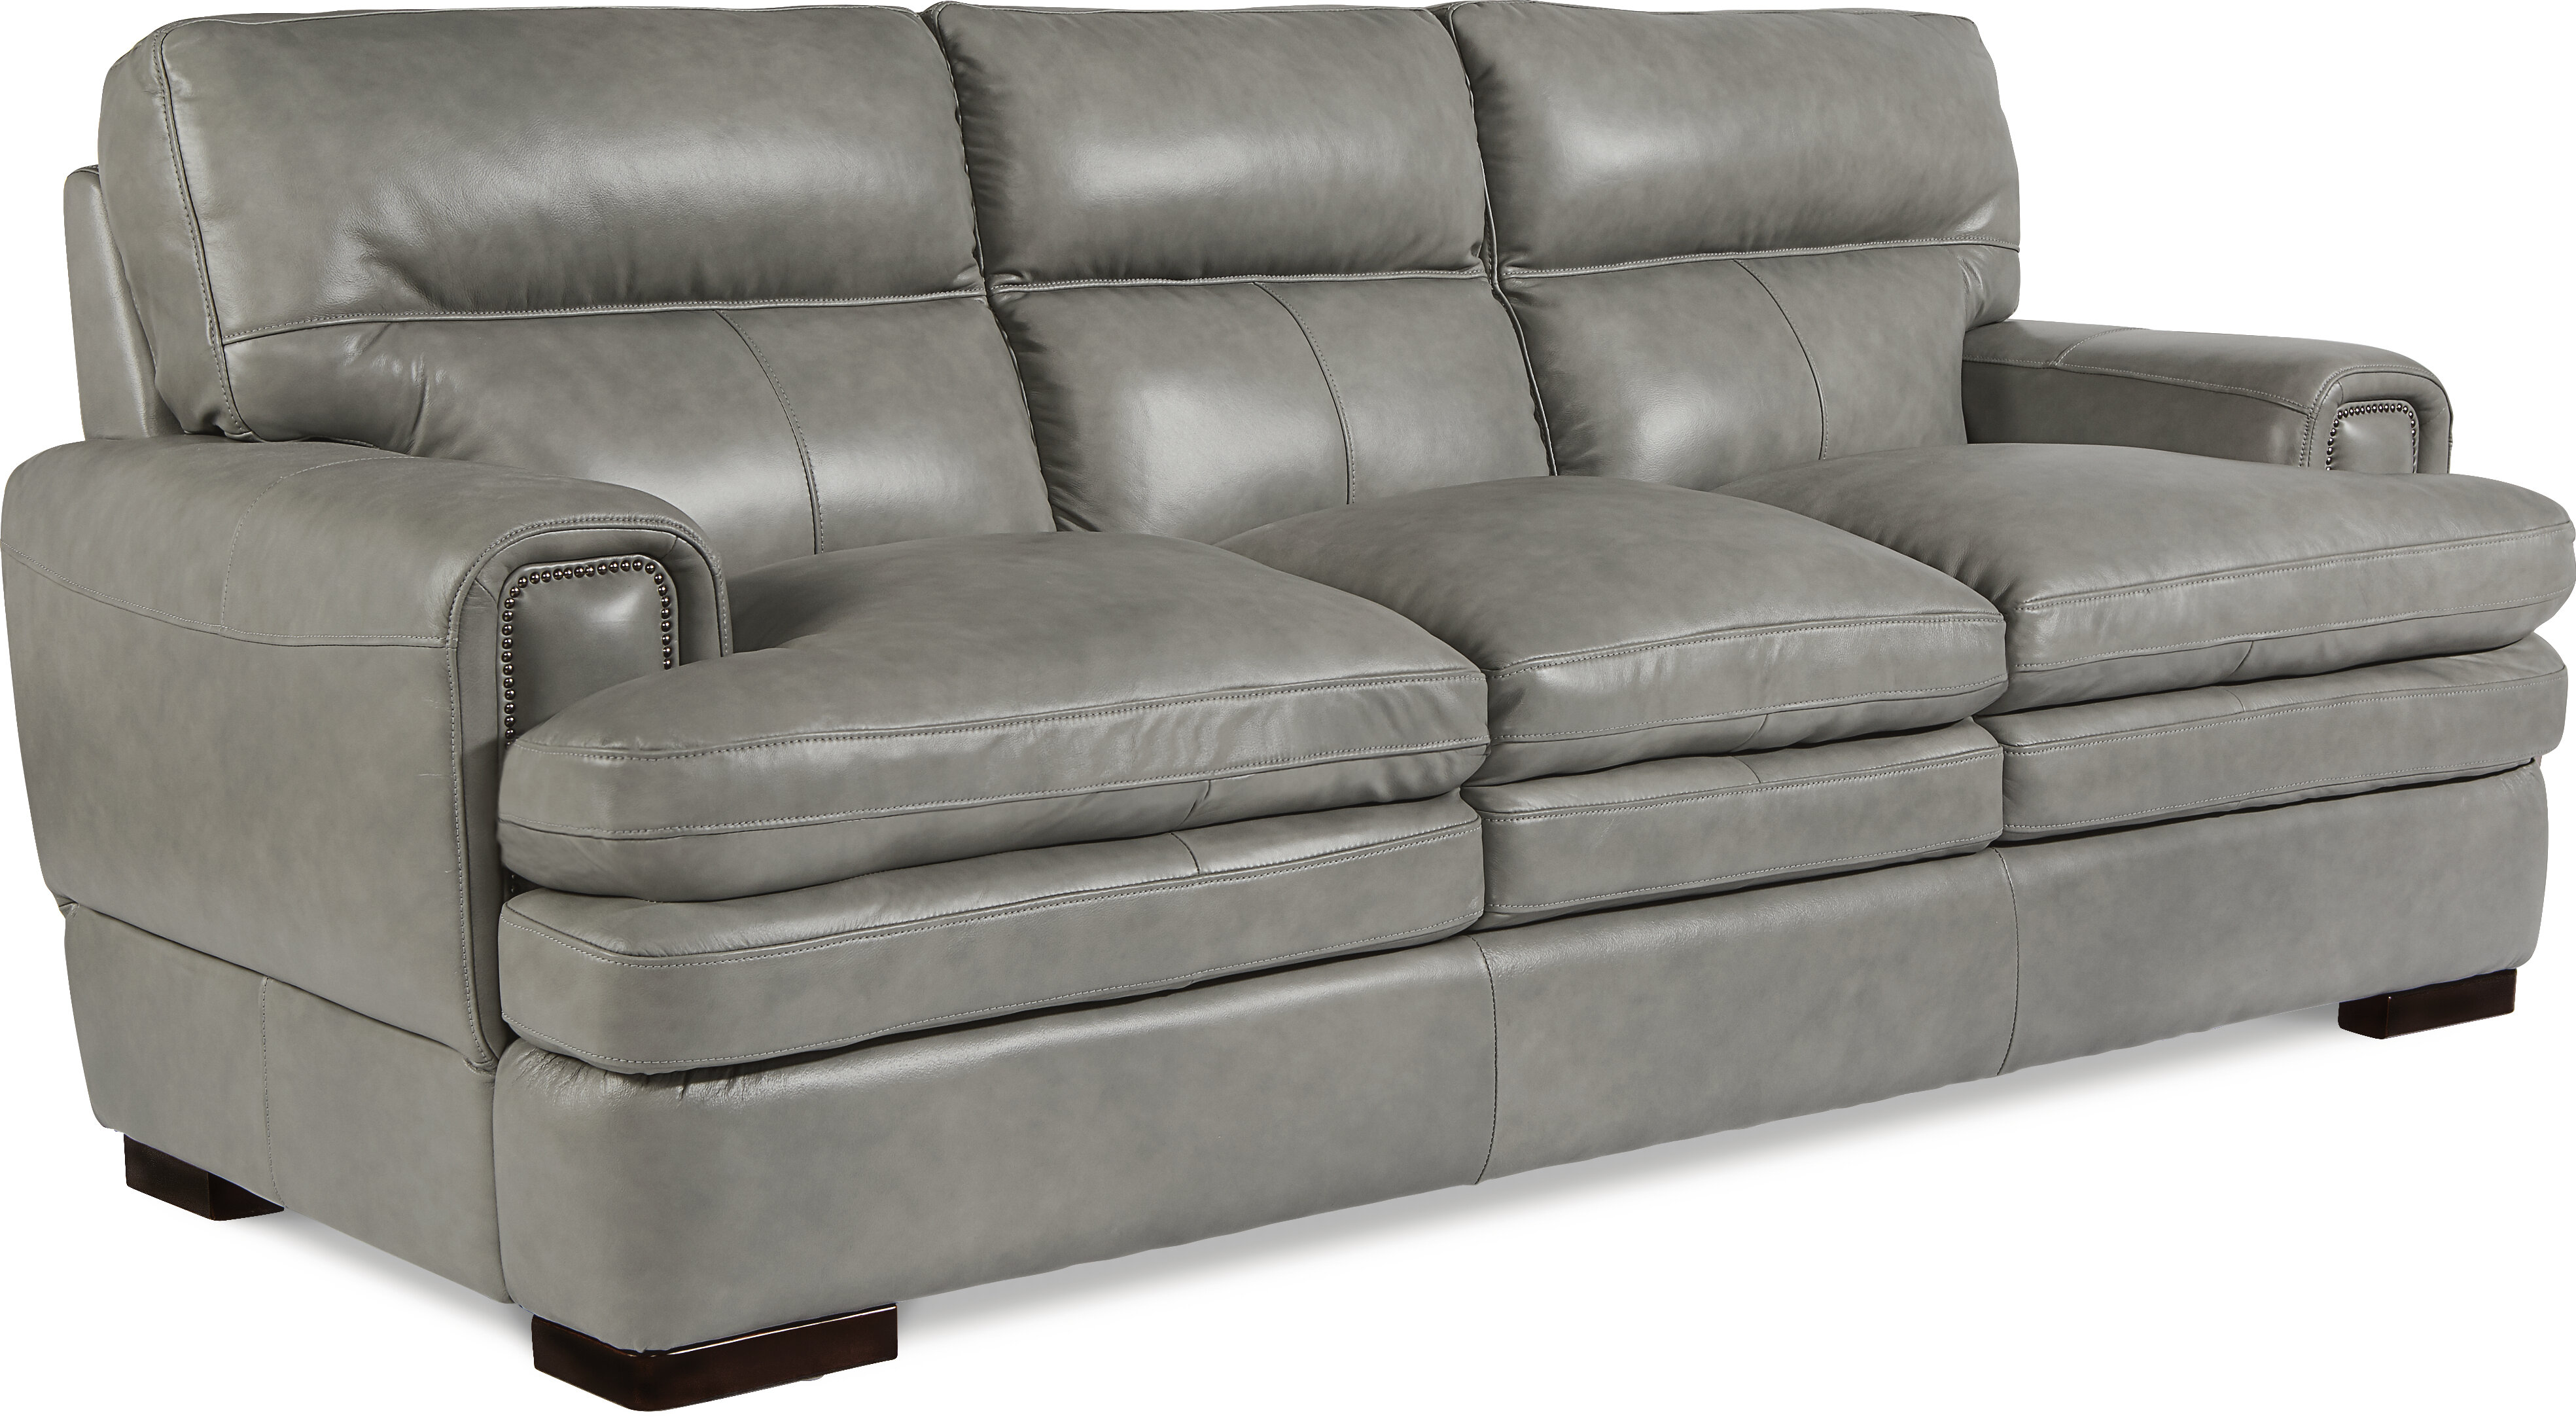 la z boy jake leather sofa reviews wayfair rh wayfair com lazboy sofa power cord lazy boy sofa recliner